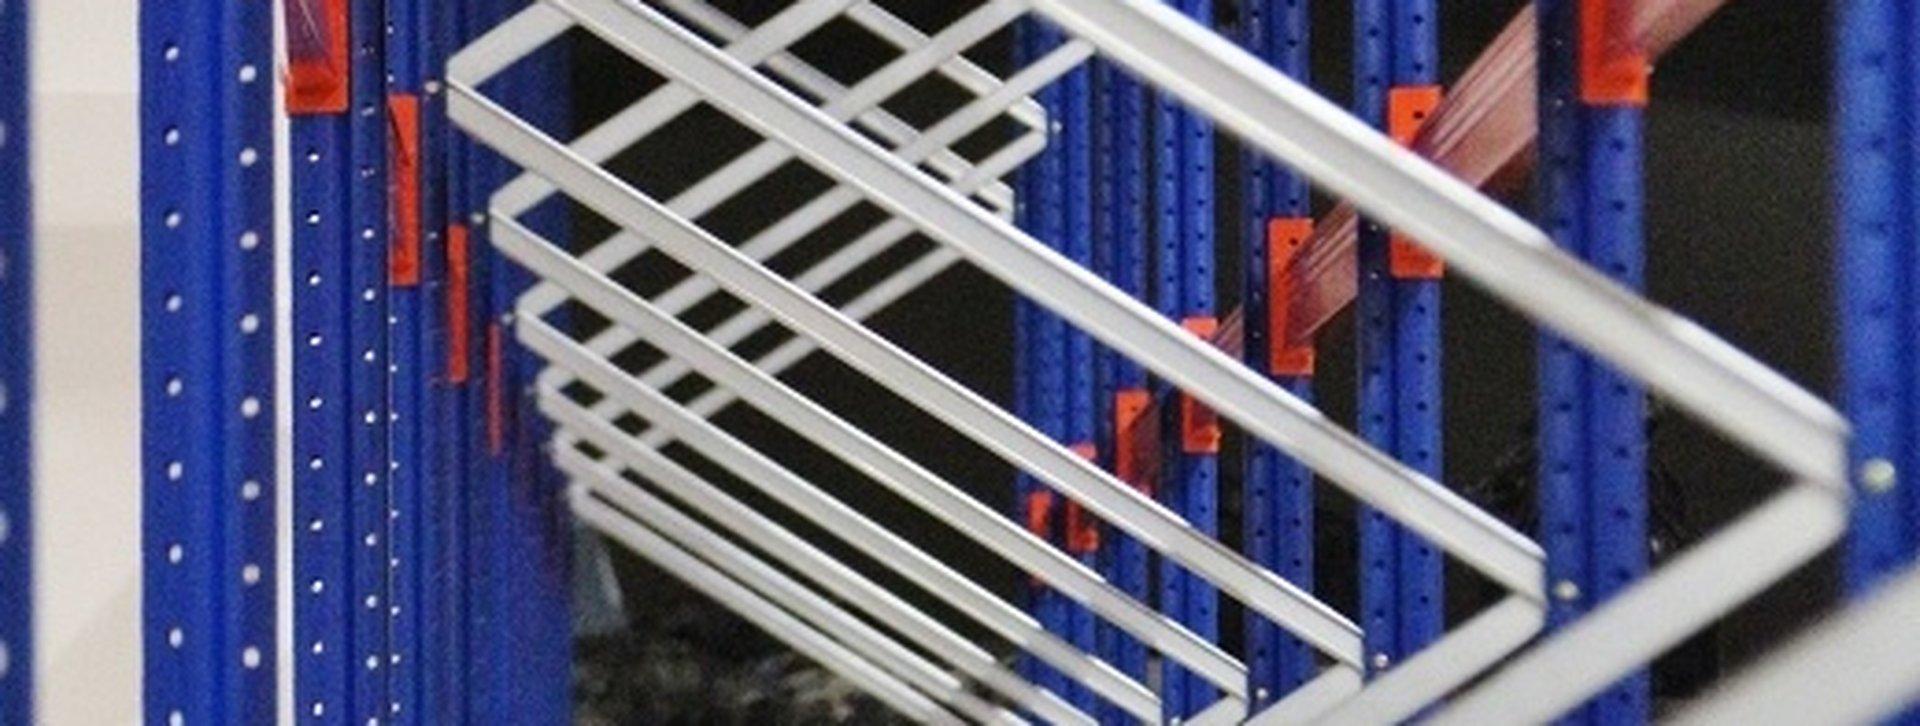 pronajem-skladovaci-plochy-a-haly-se-sluzbami-dopravy-a-spedice-4254